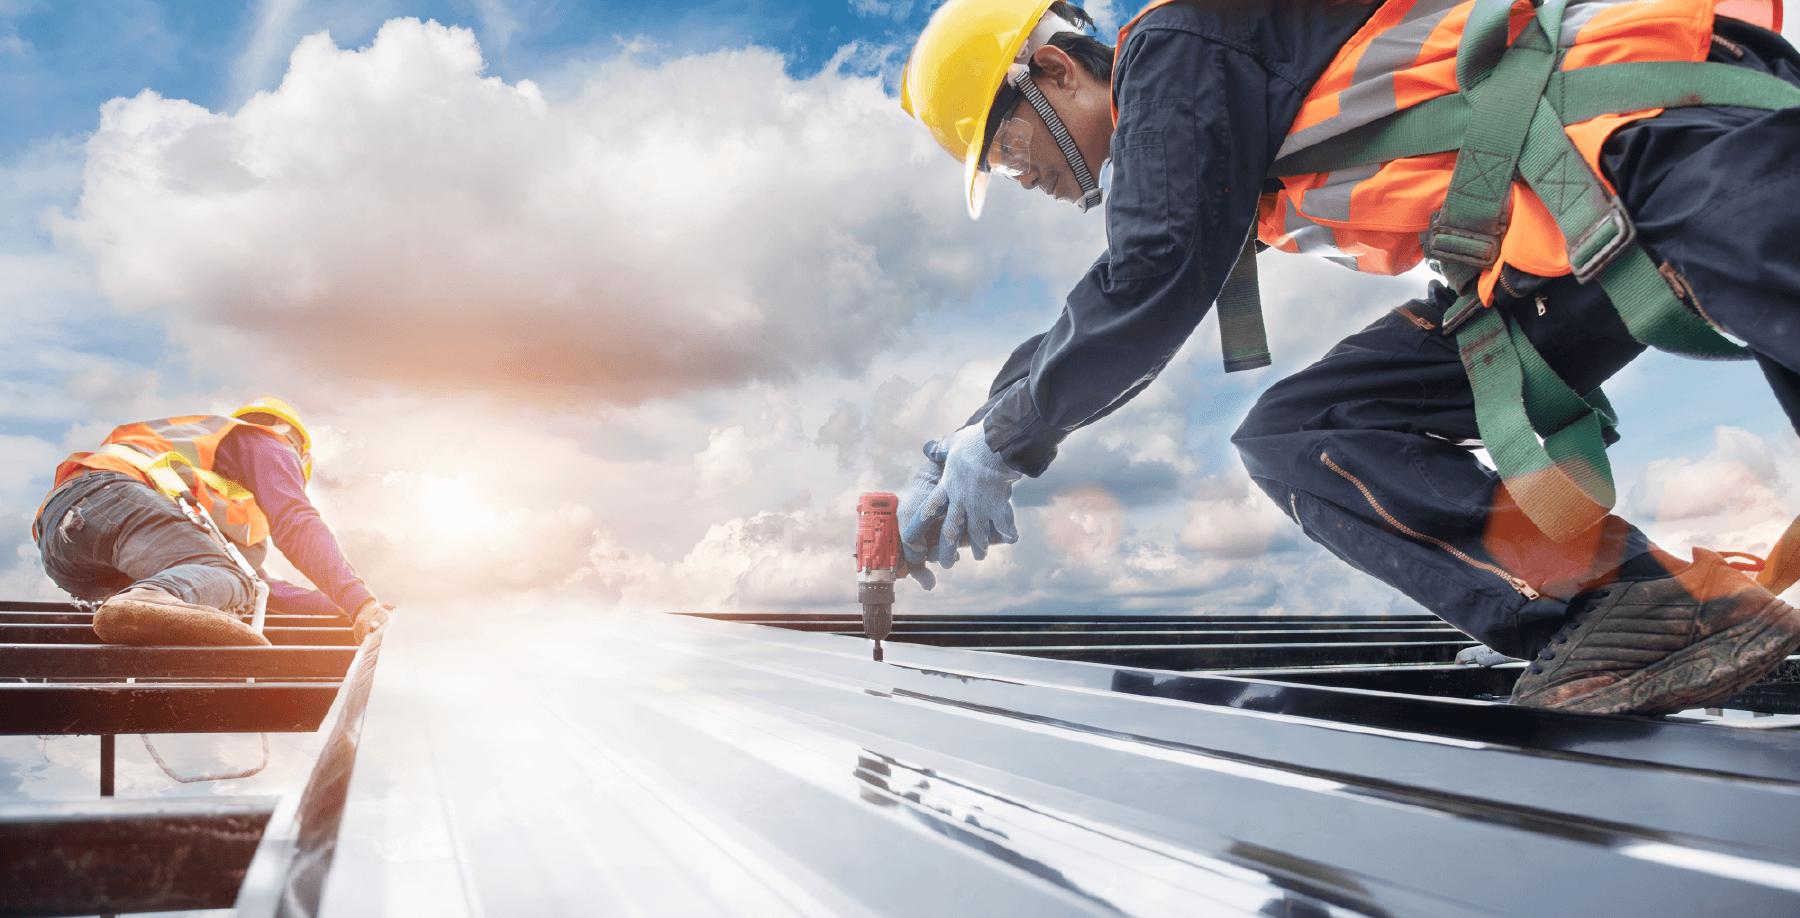 【公式】住まいるドクター屋根修理 は 迅速対応。